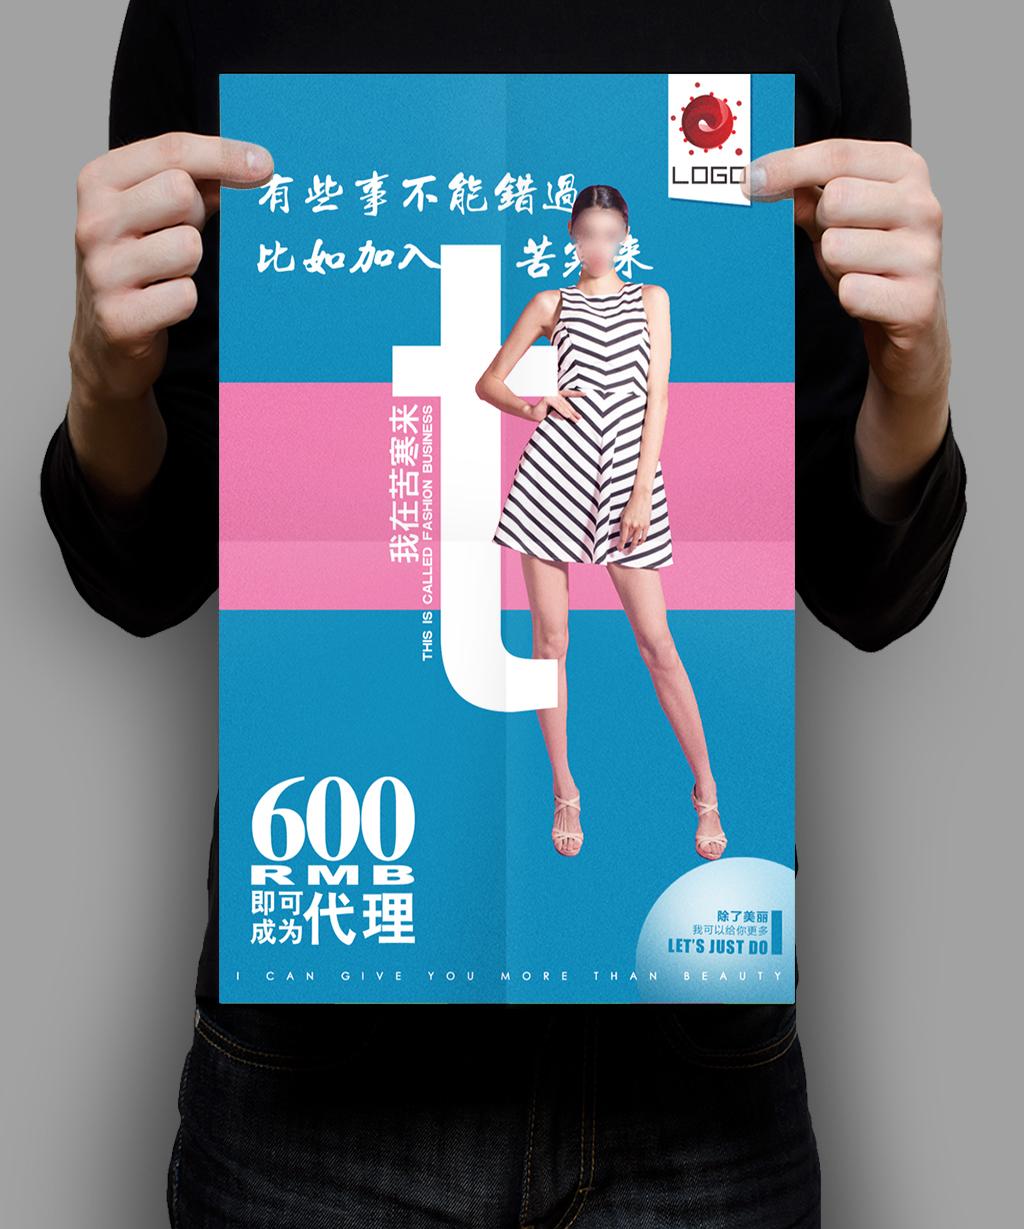 微信微商招代理加盟海报图片设计素材_高清P